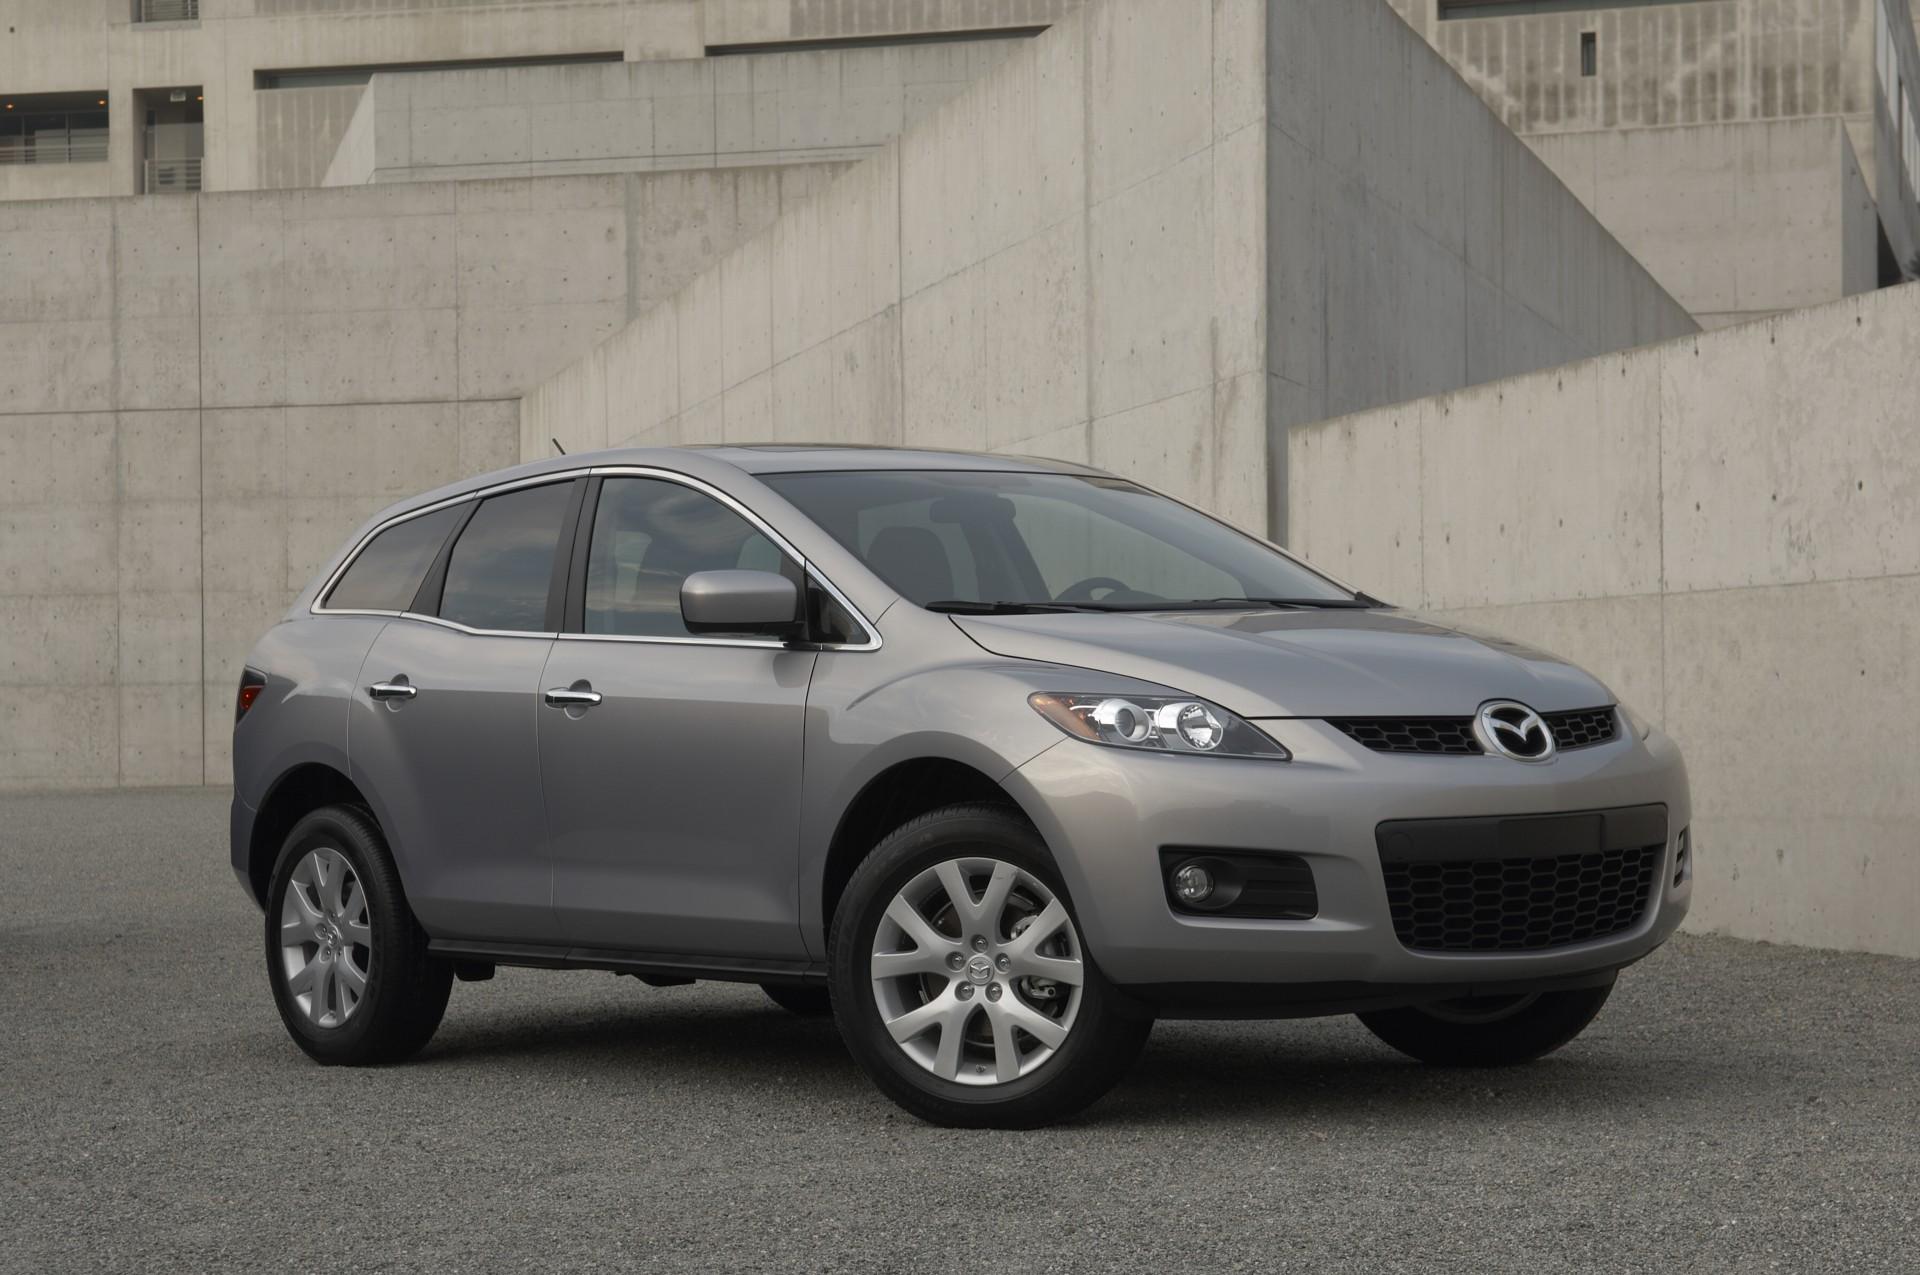 2007 Mazda cx 7 Image